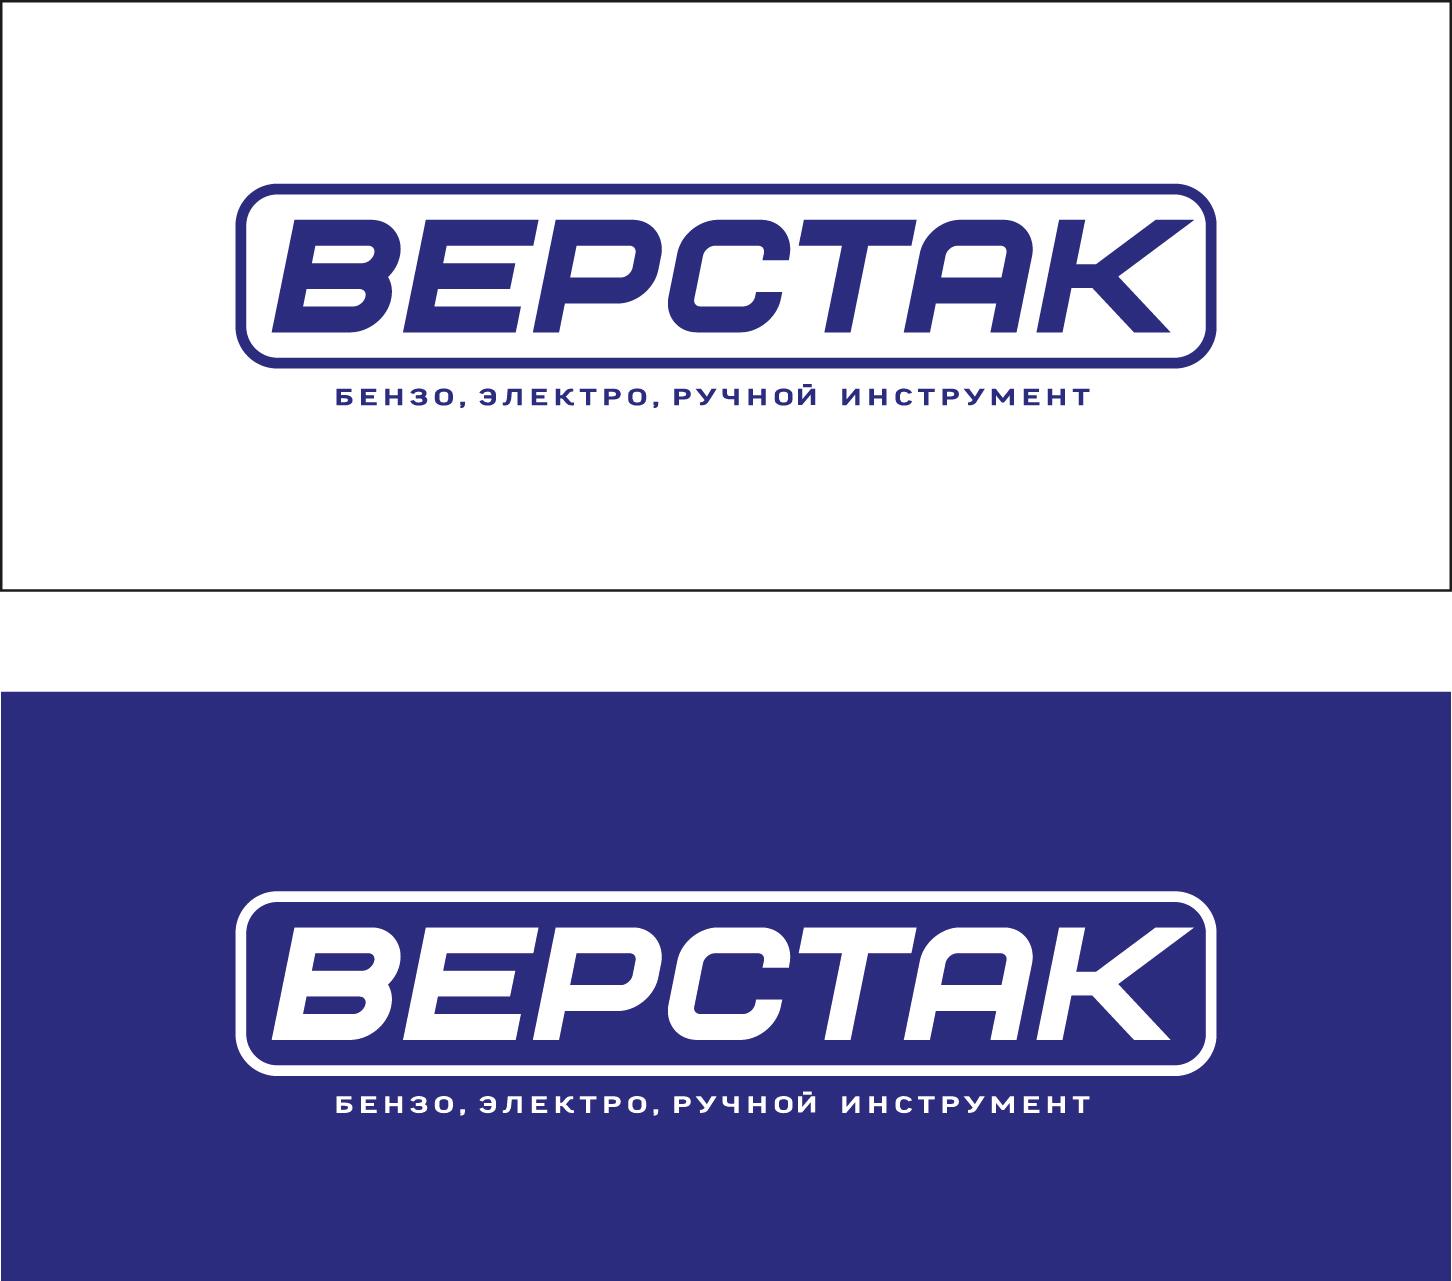 Логотип магазина бензо, электро, ручного инструмента фото f_7985a11aa64a1151.jpg